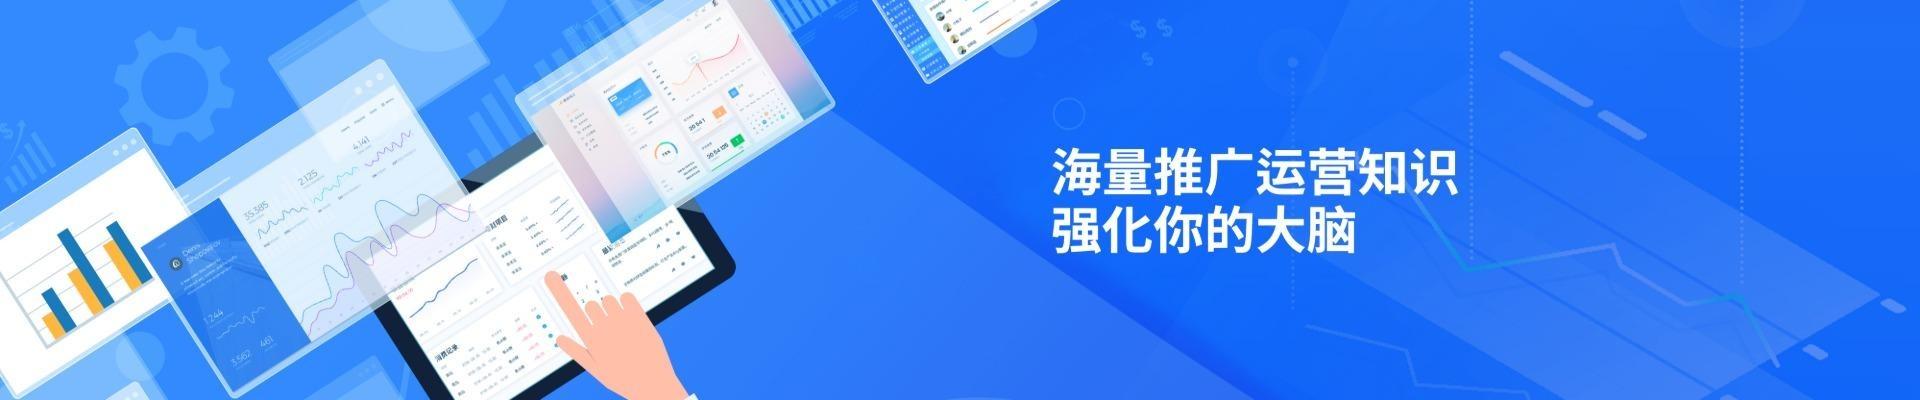 深圳短视频代运营